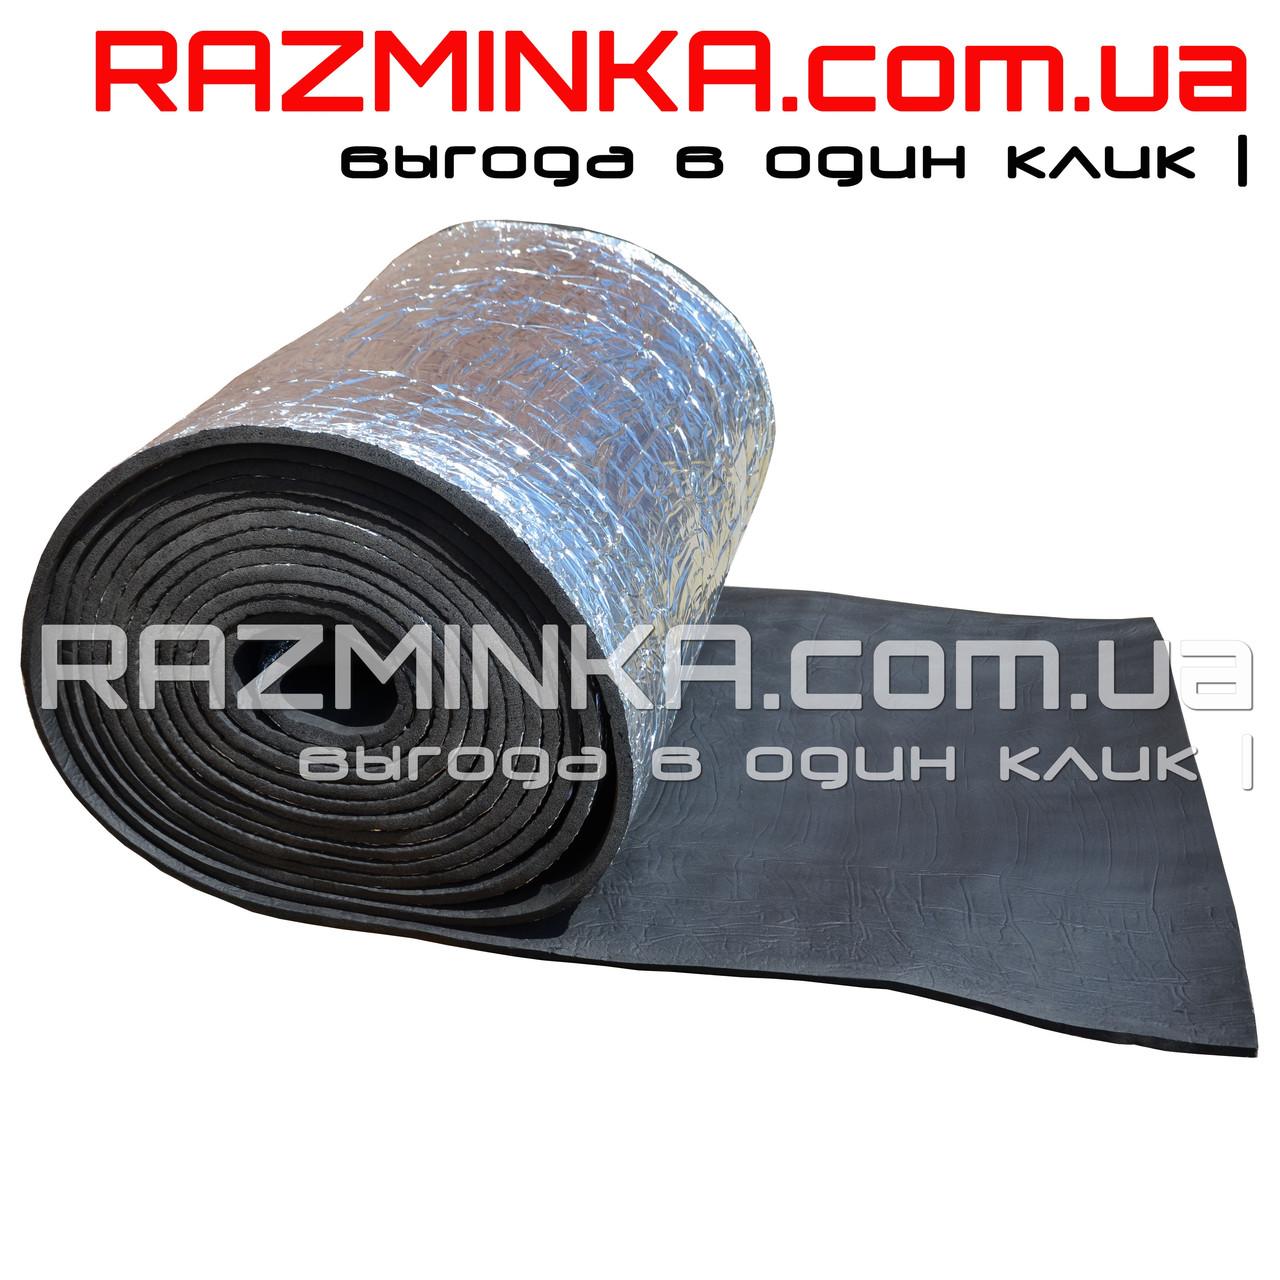 Фольгированный утеплитель 6мм (вспененный каучук)